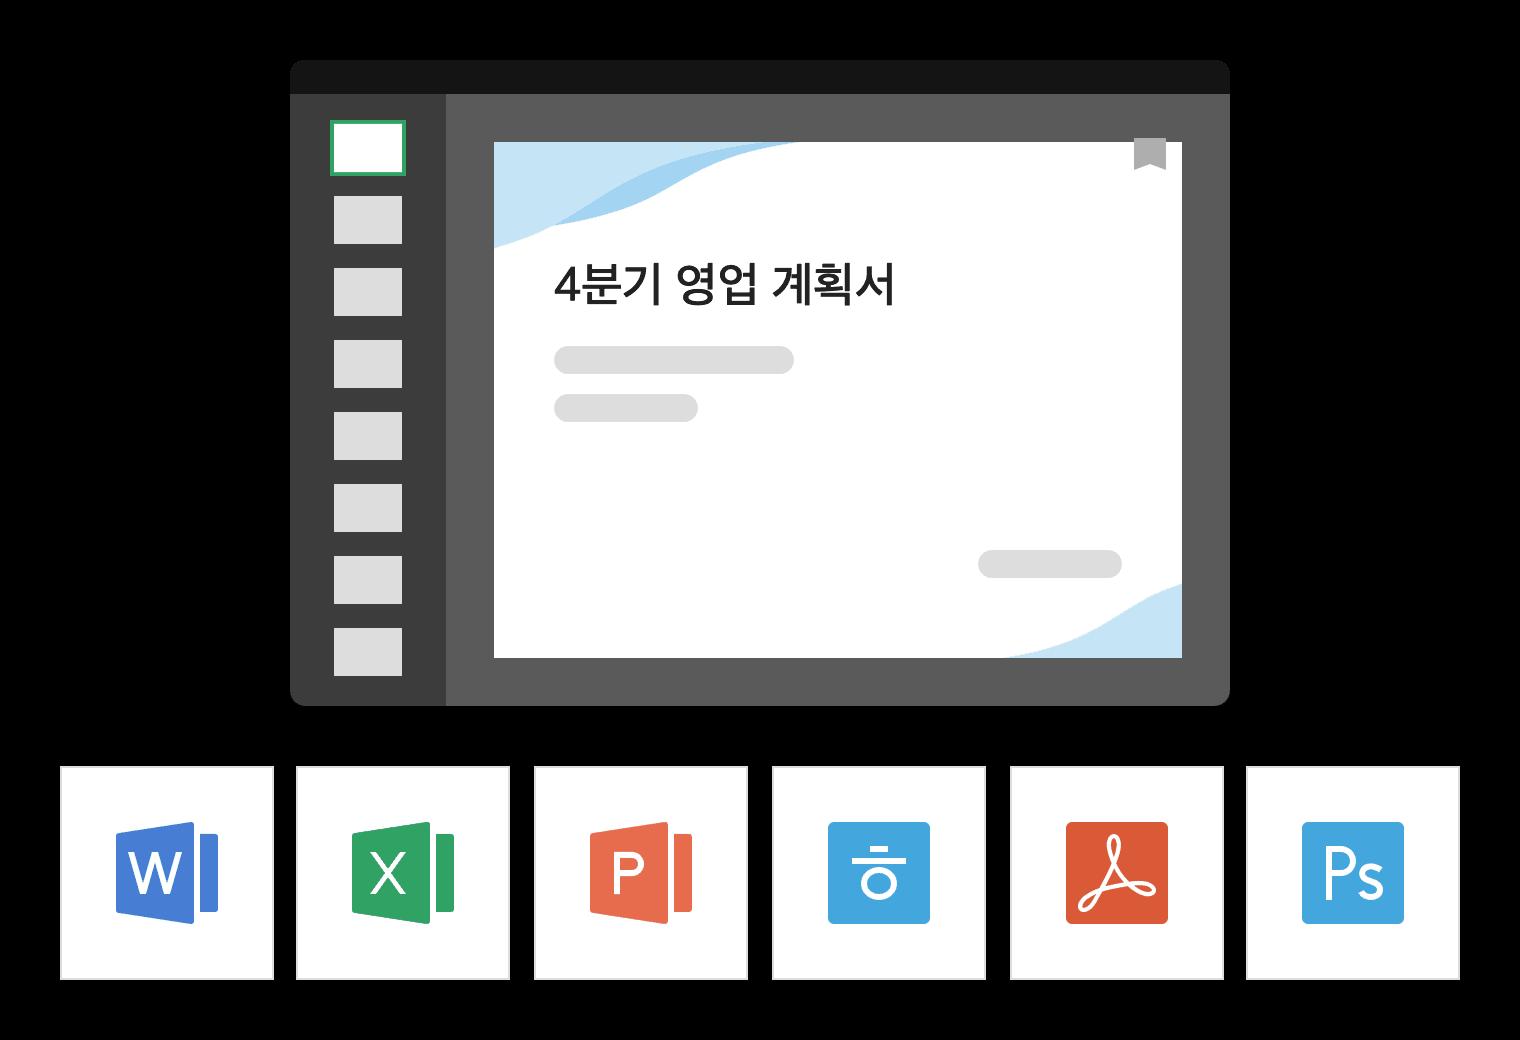 네이버 마이박스 다양한 파일 뷰어 및 편집 기능